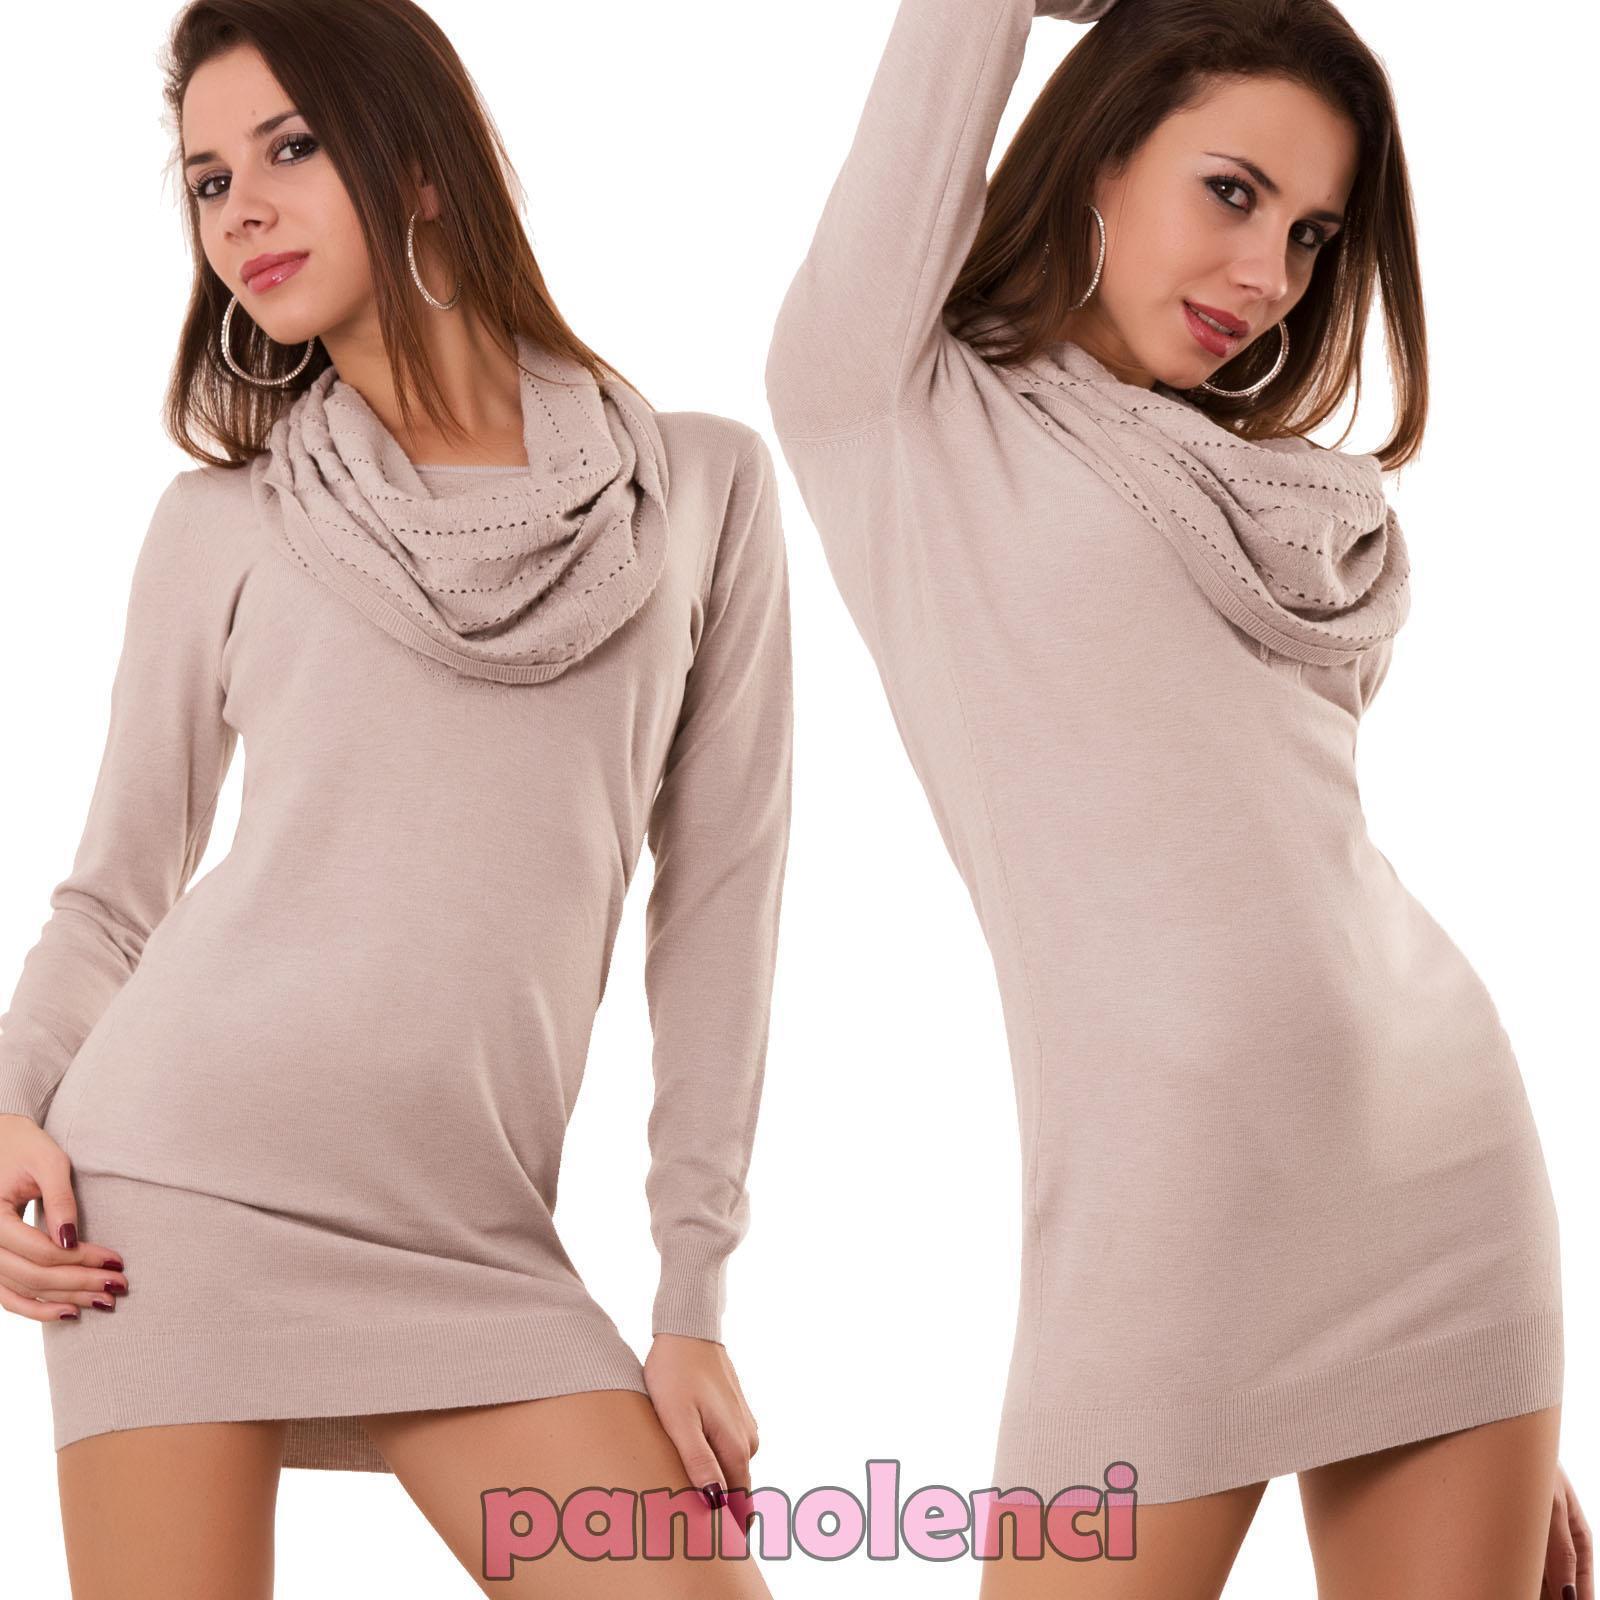 Miniabito pull donna maxipull abito vestito collo strass traforato pull Miniabito nuovo LB8137 0441aa